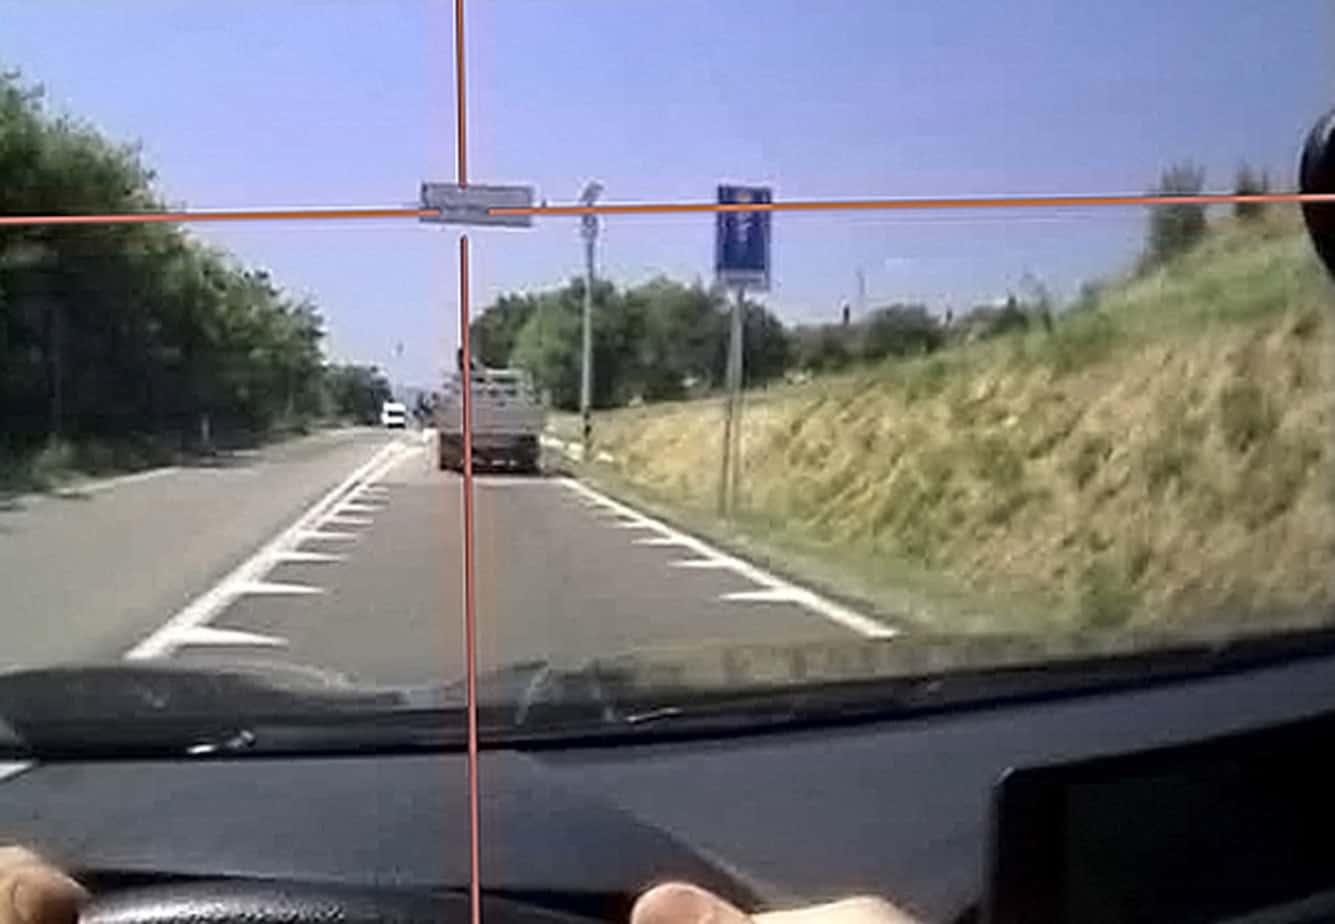 Il criterio seguito per scegliere se un segnale verticale è stato visto